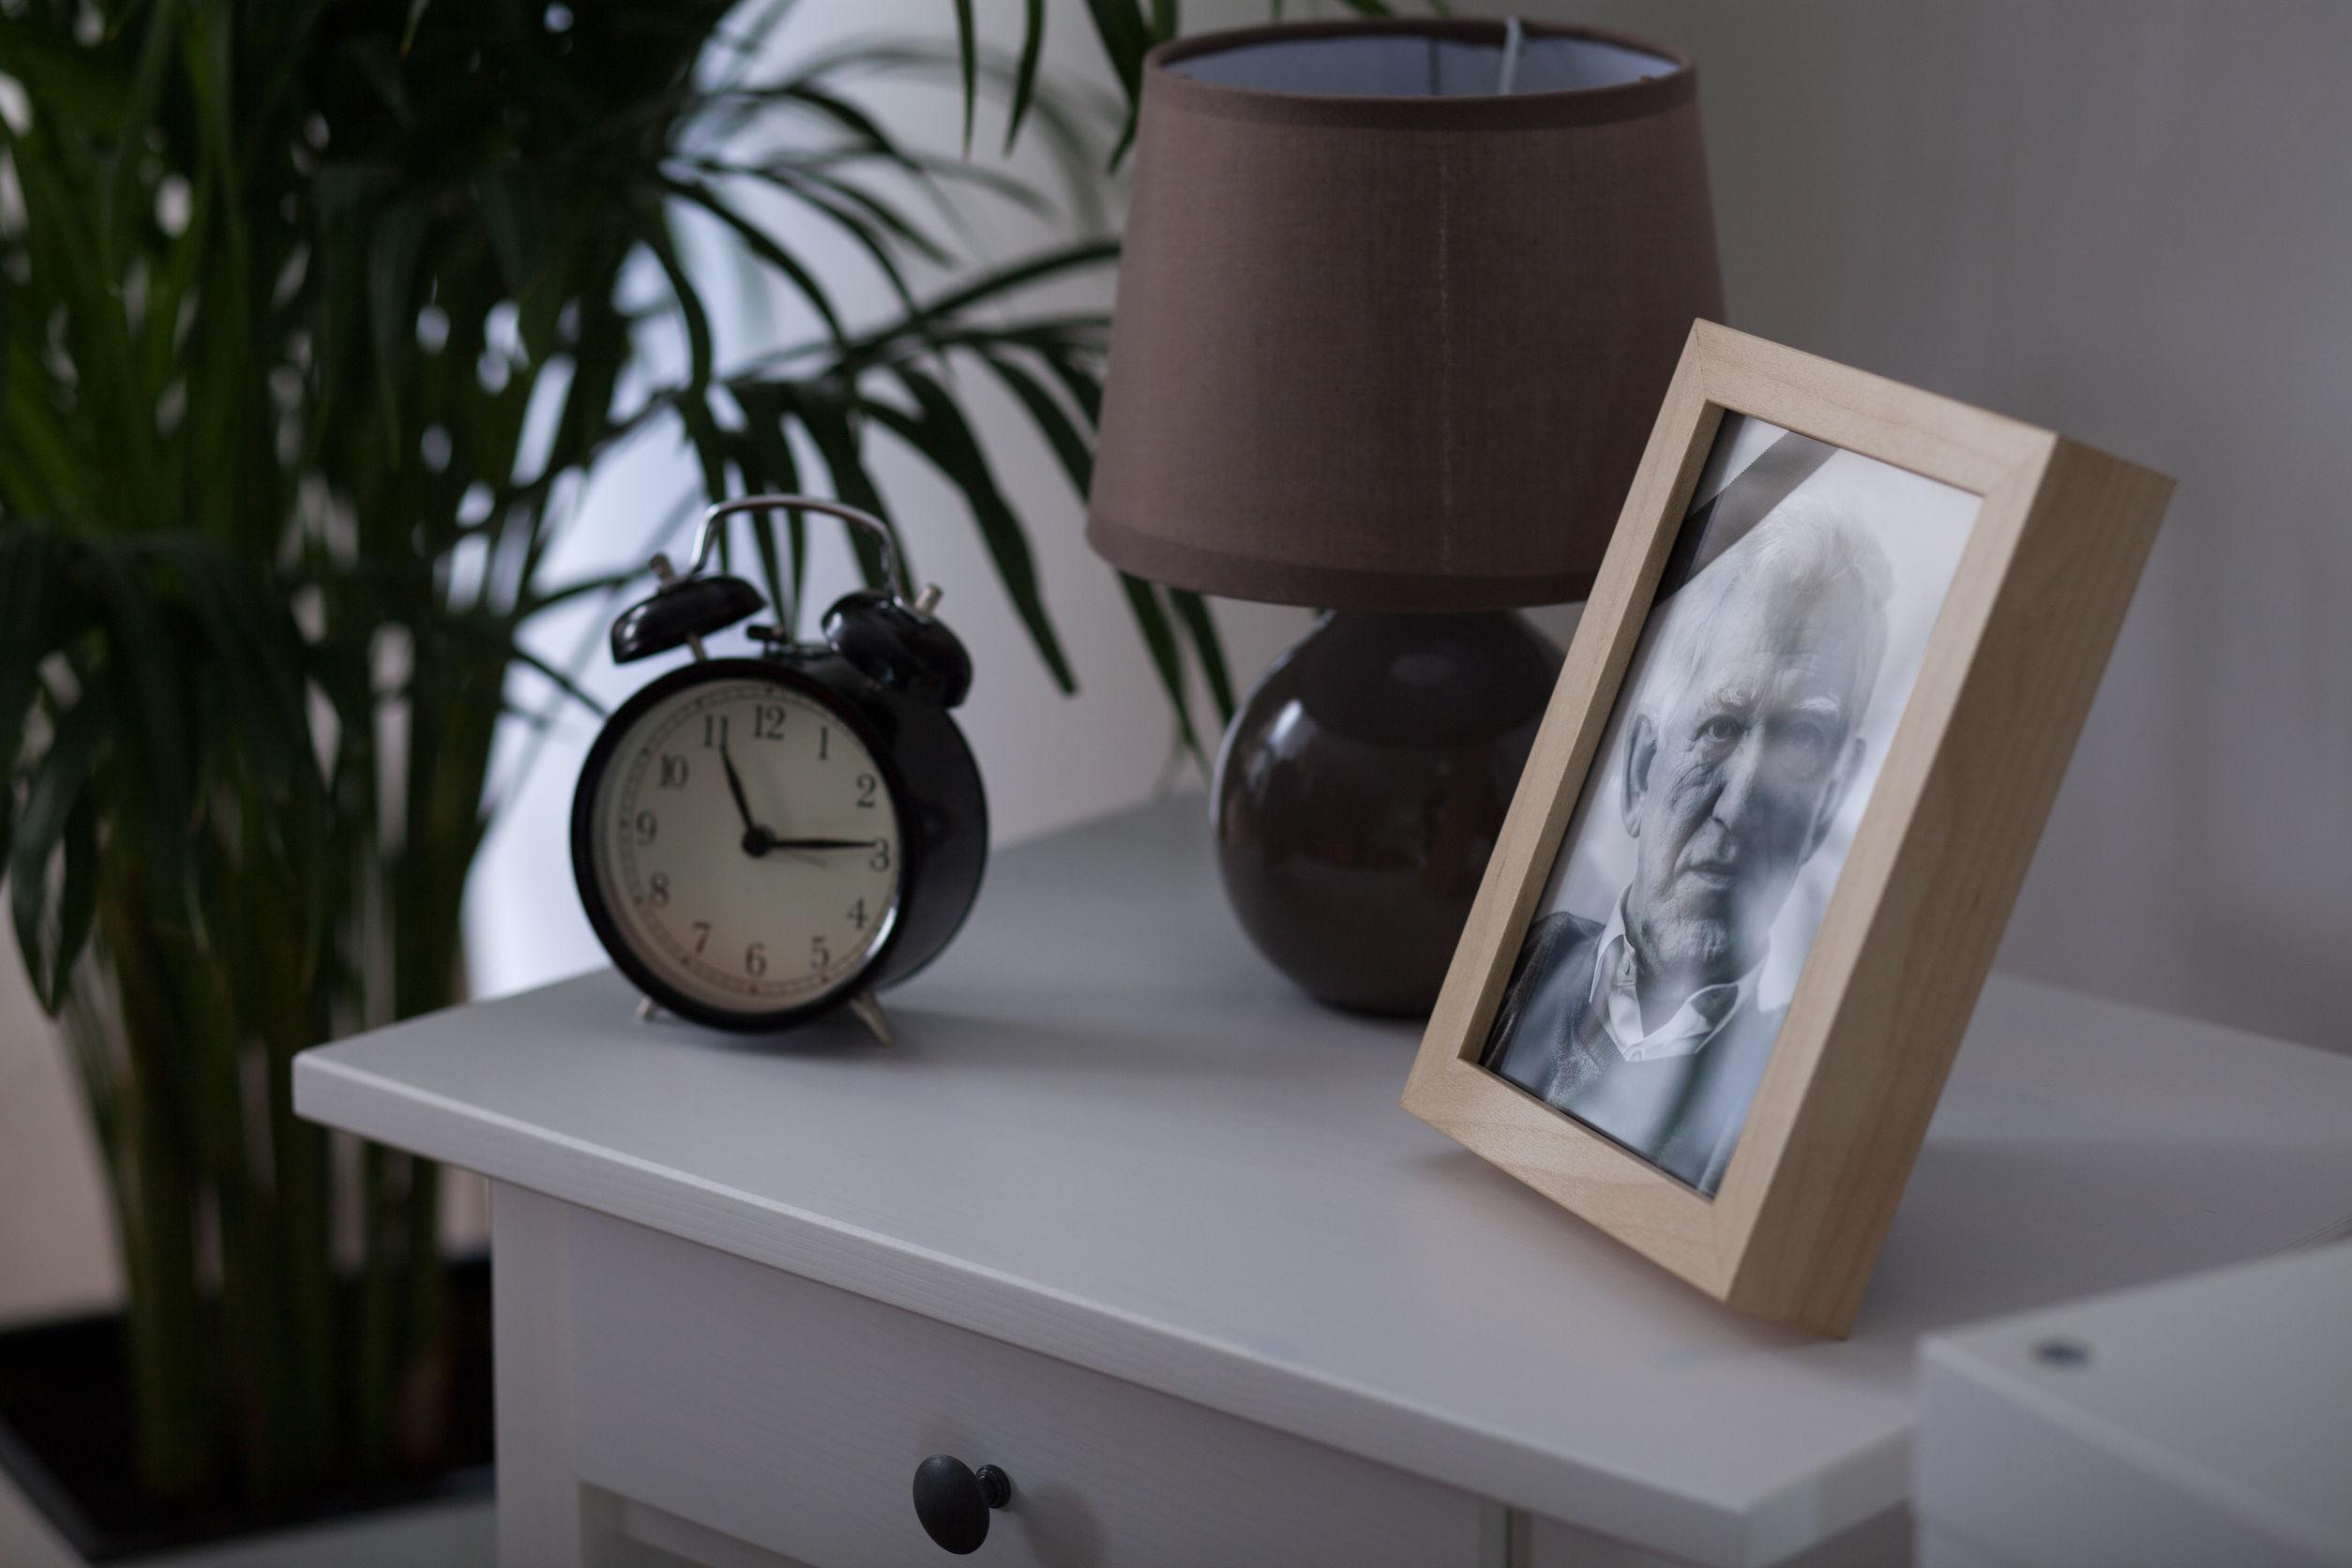 Marco de foto sobre mueble blanco